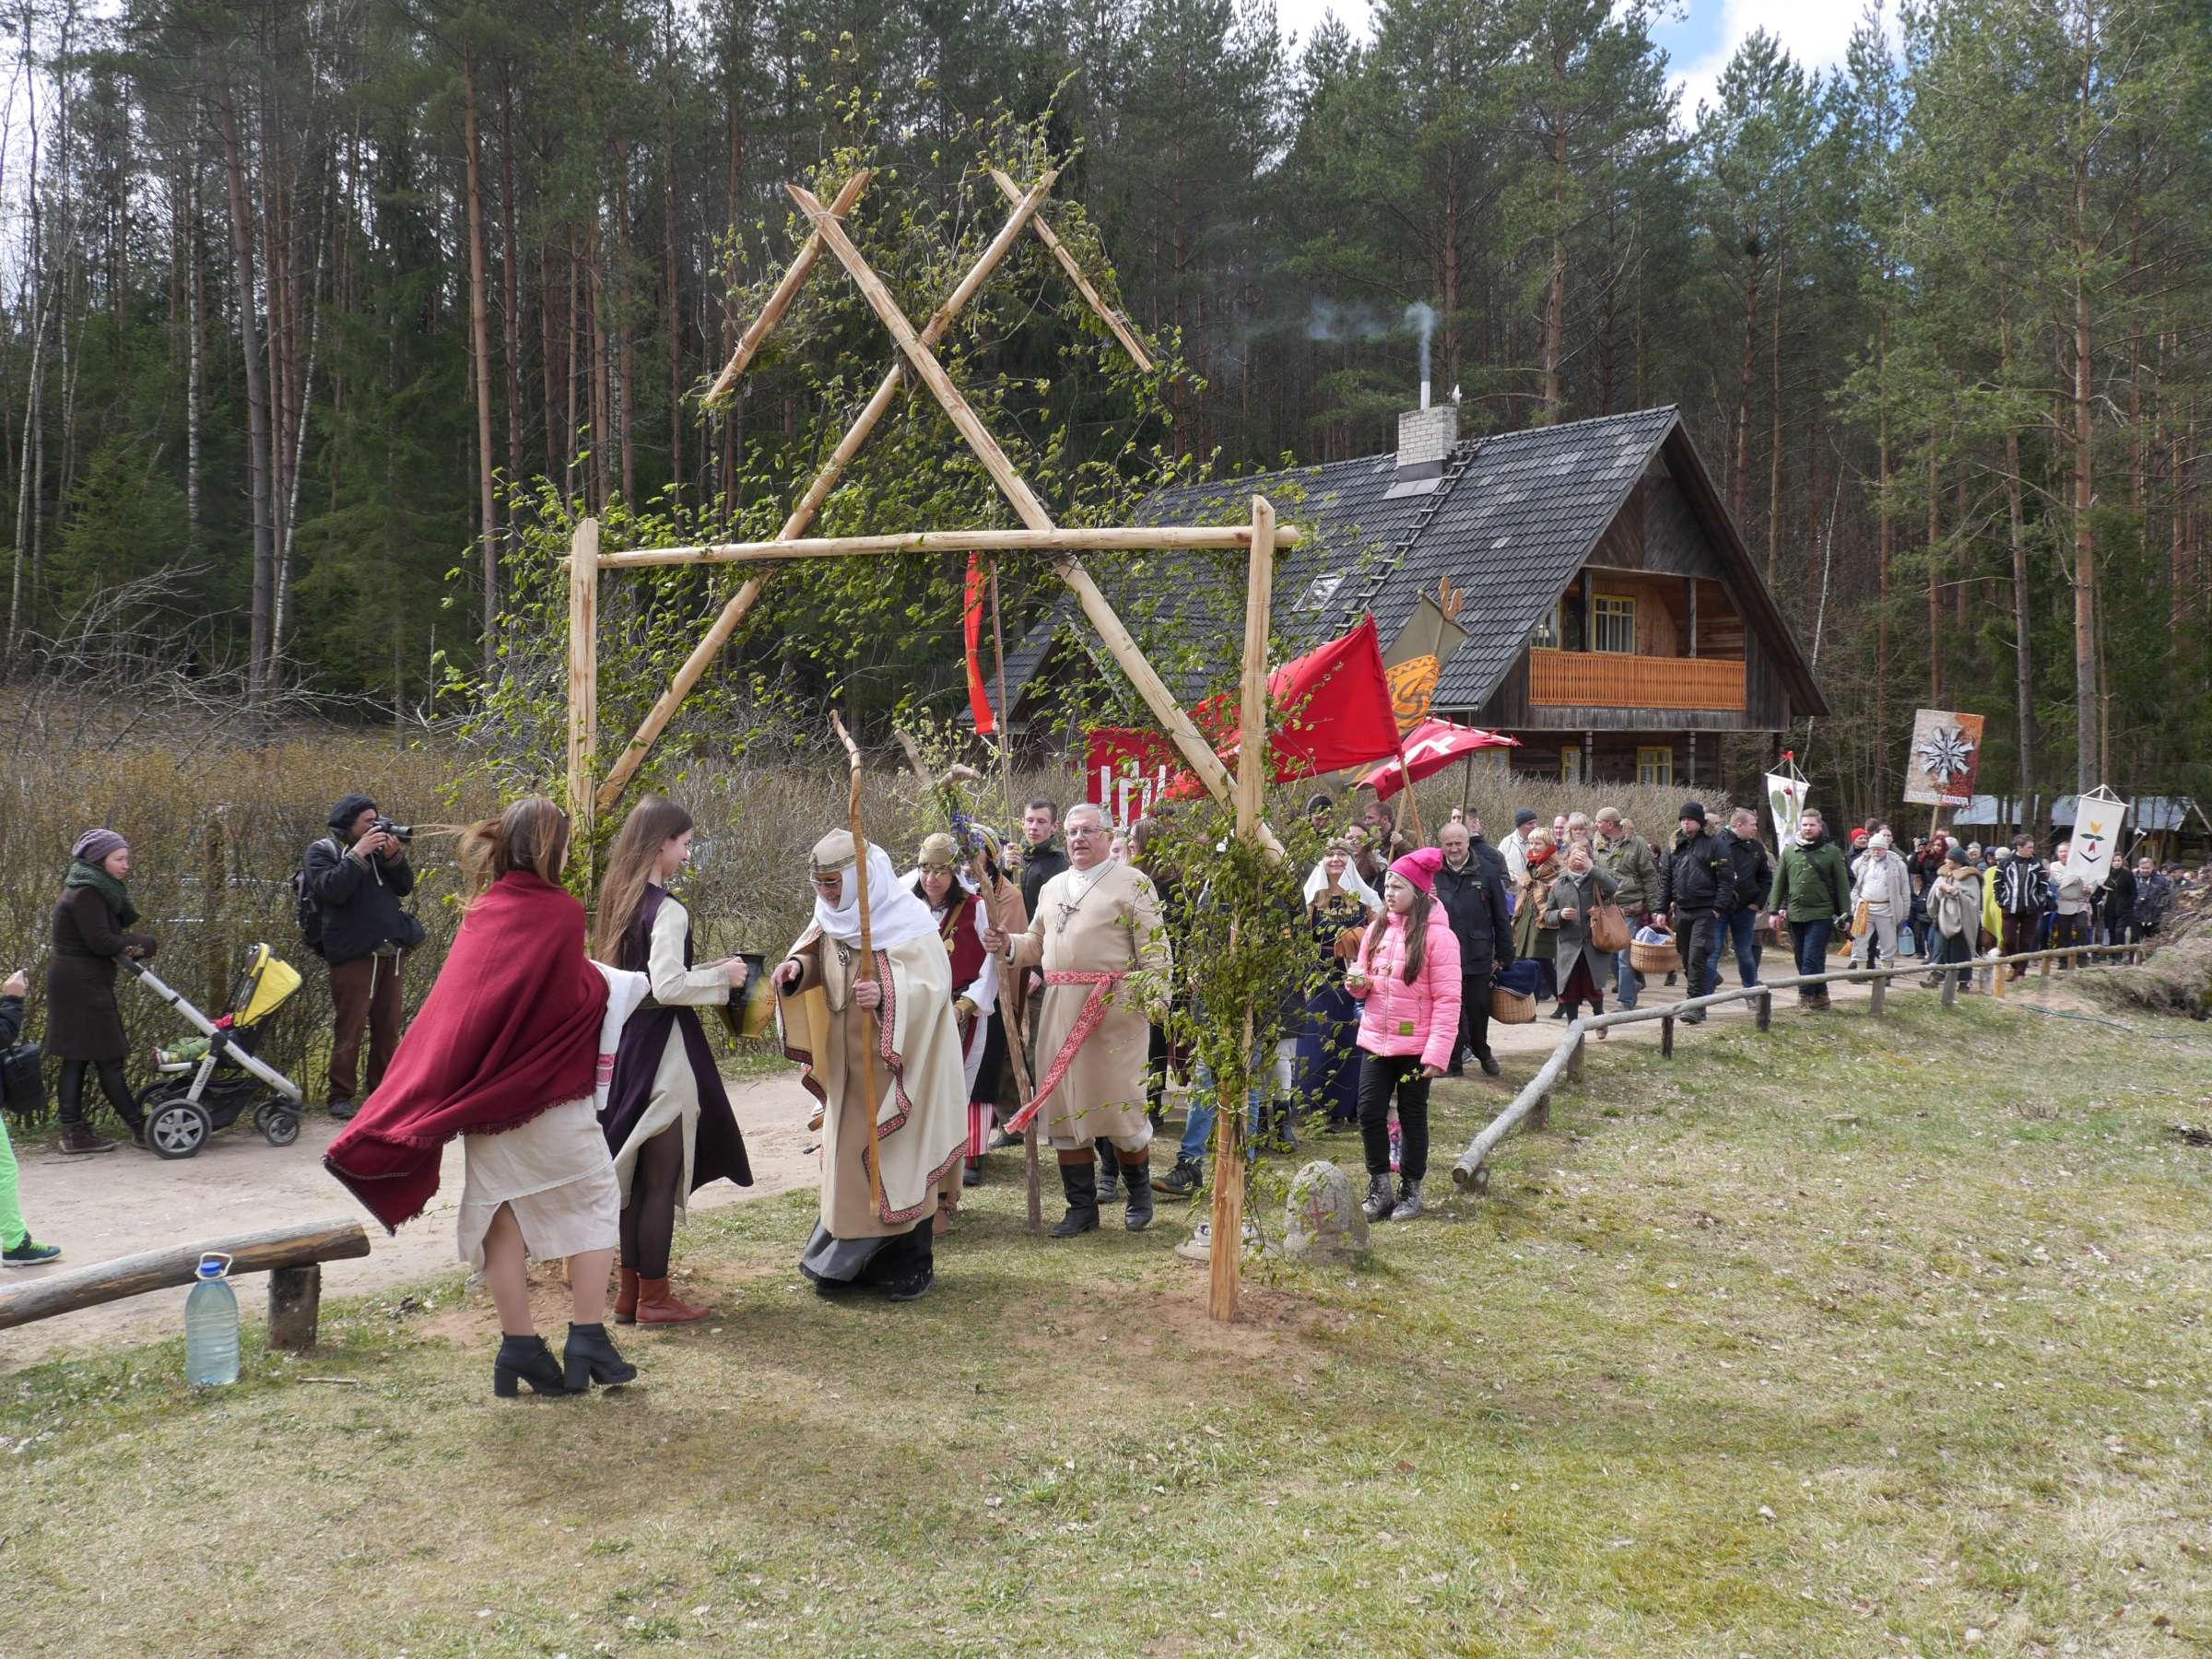 Įėjimas per šventinius vartus | Alkas.lt, J. Vaiškūno nuotr.